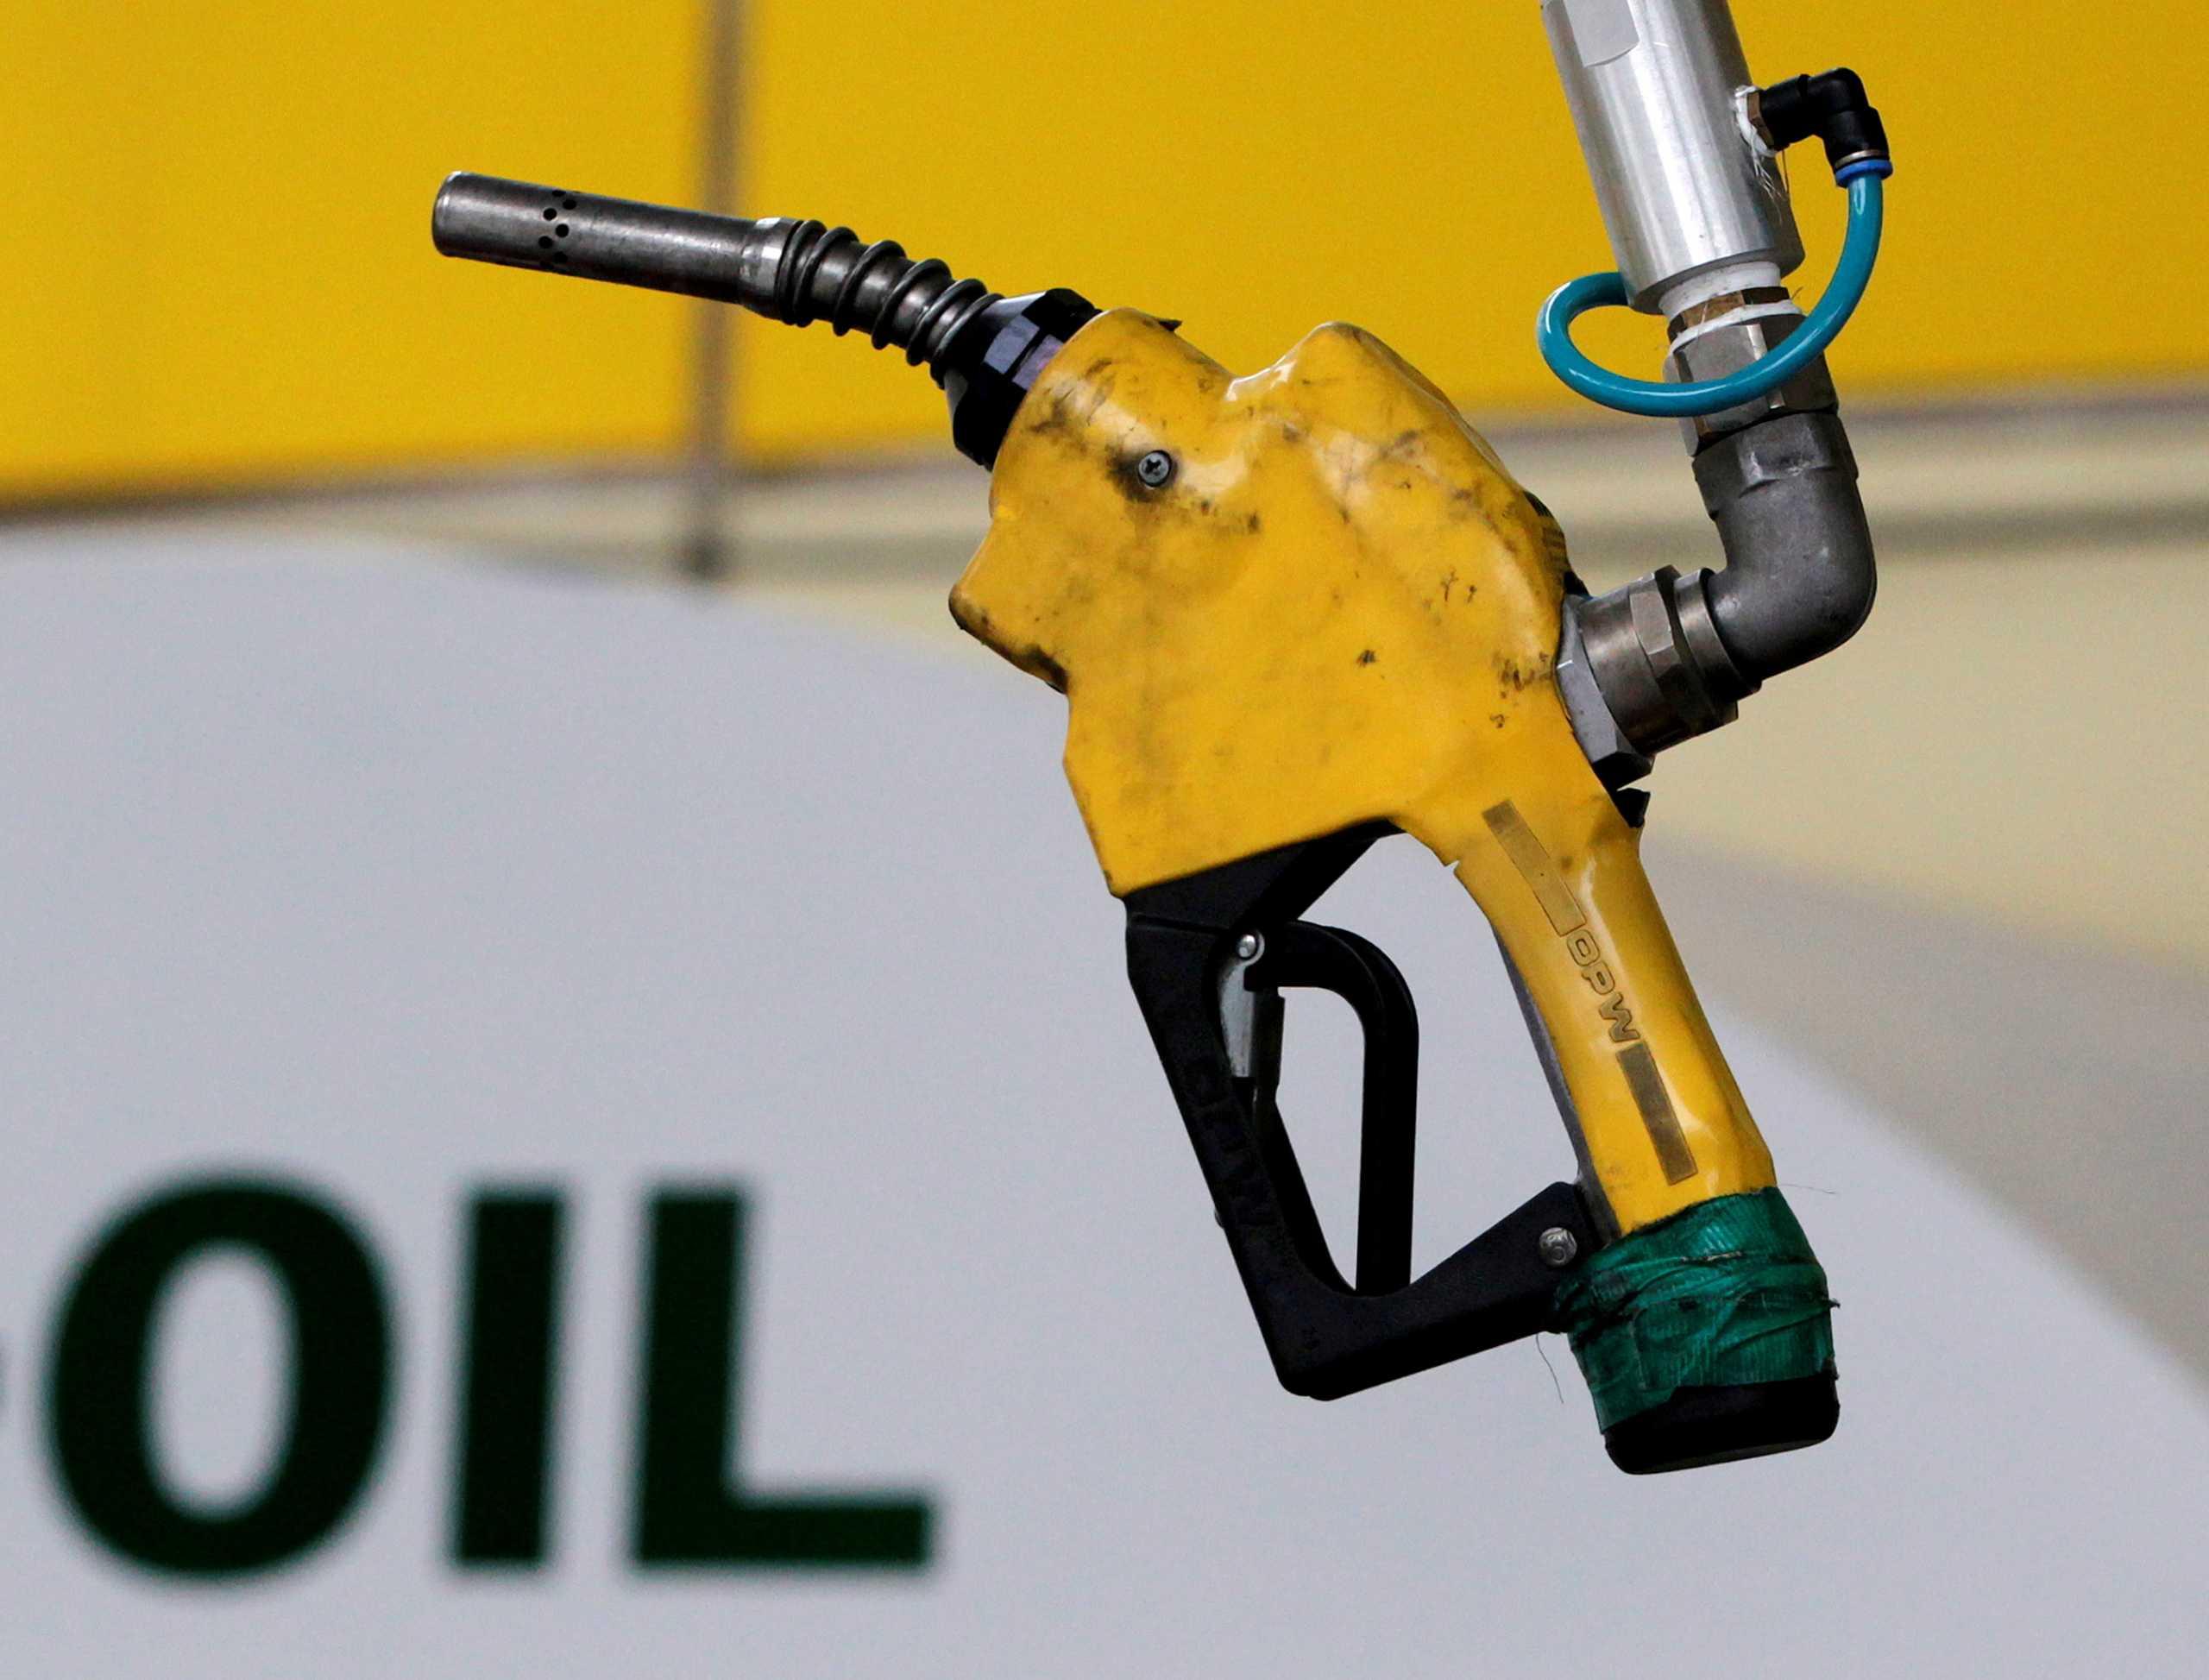 ΟΗΕ: Η βενζίνη με μόλυβδο επισήμως εξαλείφθηκε από τον πλανήτη